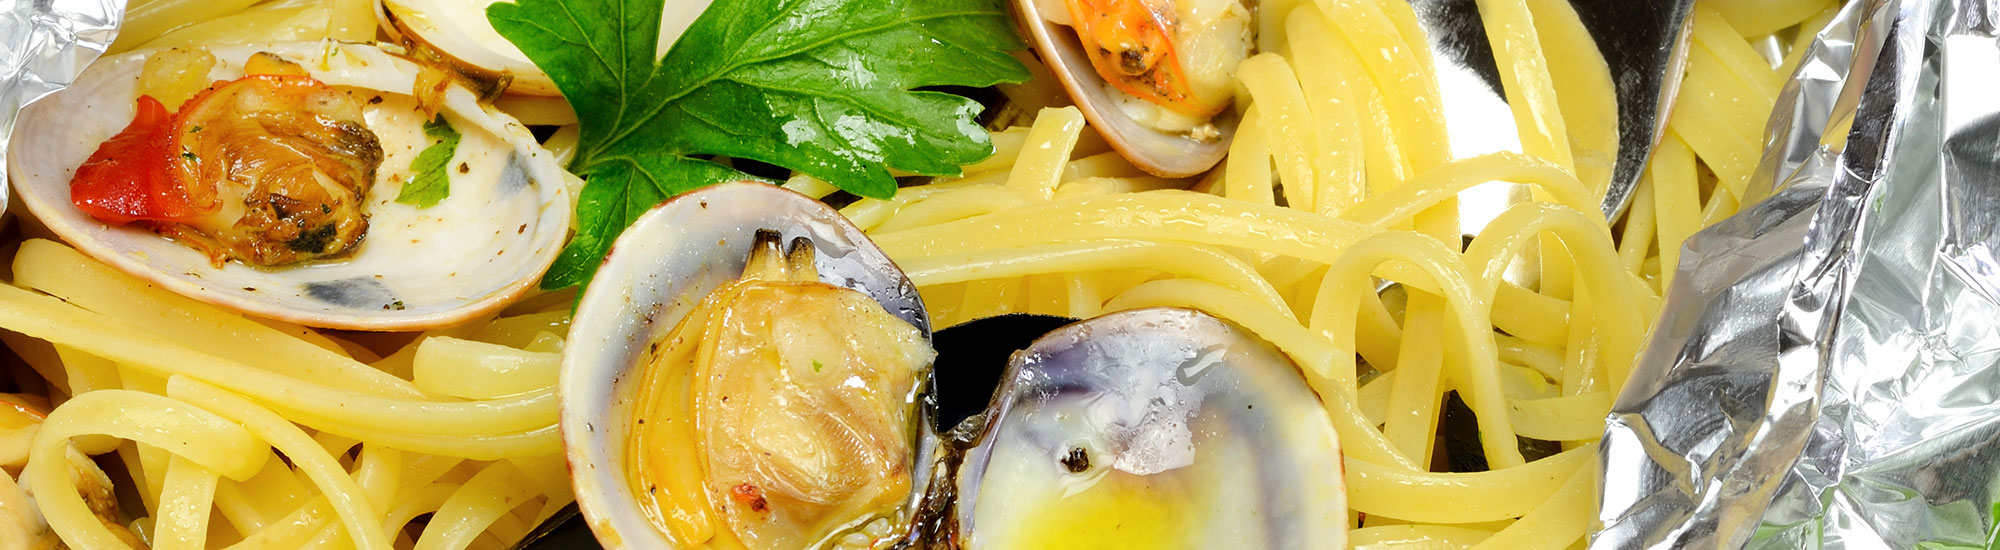 ricetta Tagliolini al cartoccio con cozze e vongole con pasta fresca